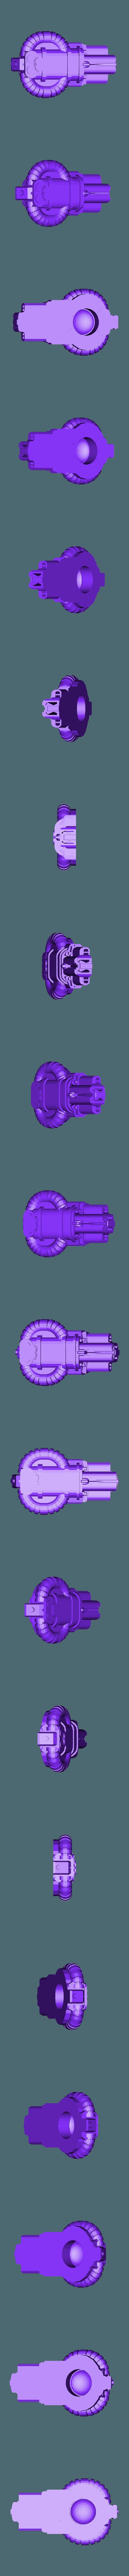 Minimal_Turret_B.stl Download free STL file Minimal Star Ship • Design to 3D print, mrhers2